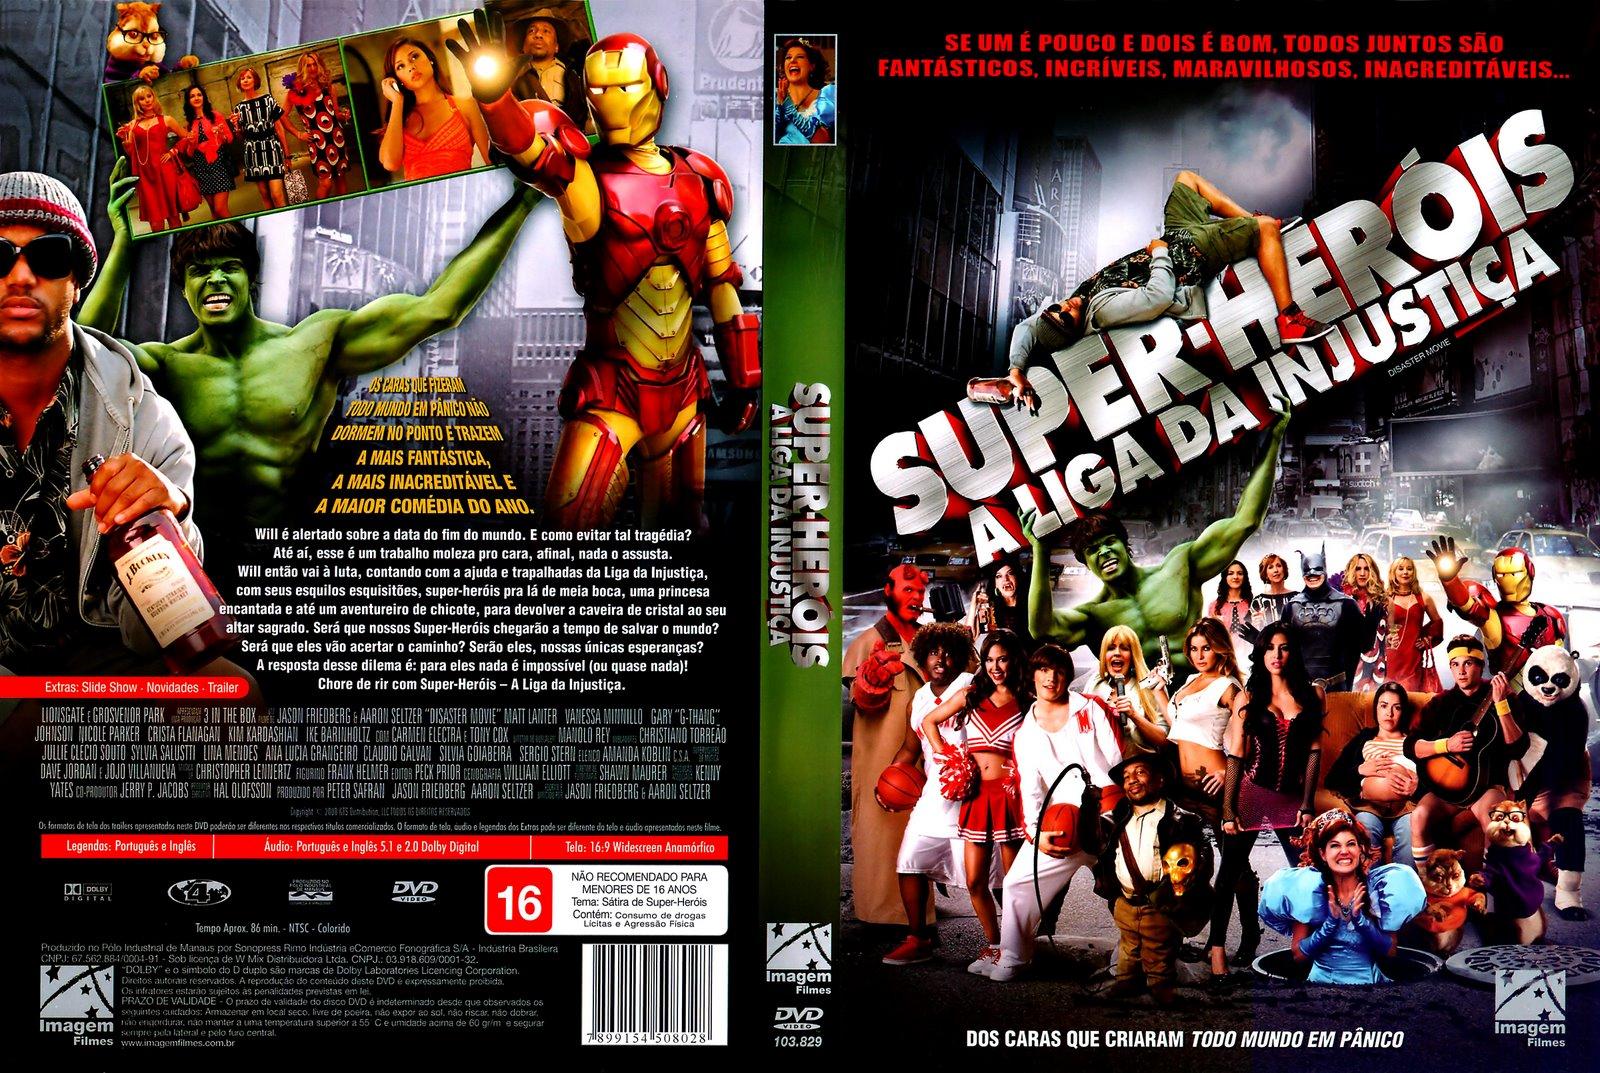 super+herois+a+liga+da+injusti%C3%A7a.JP